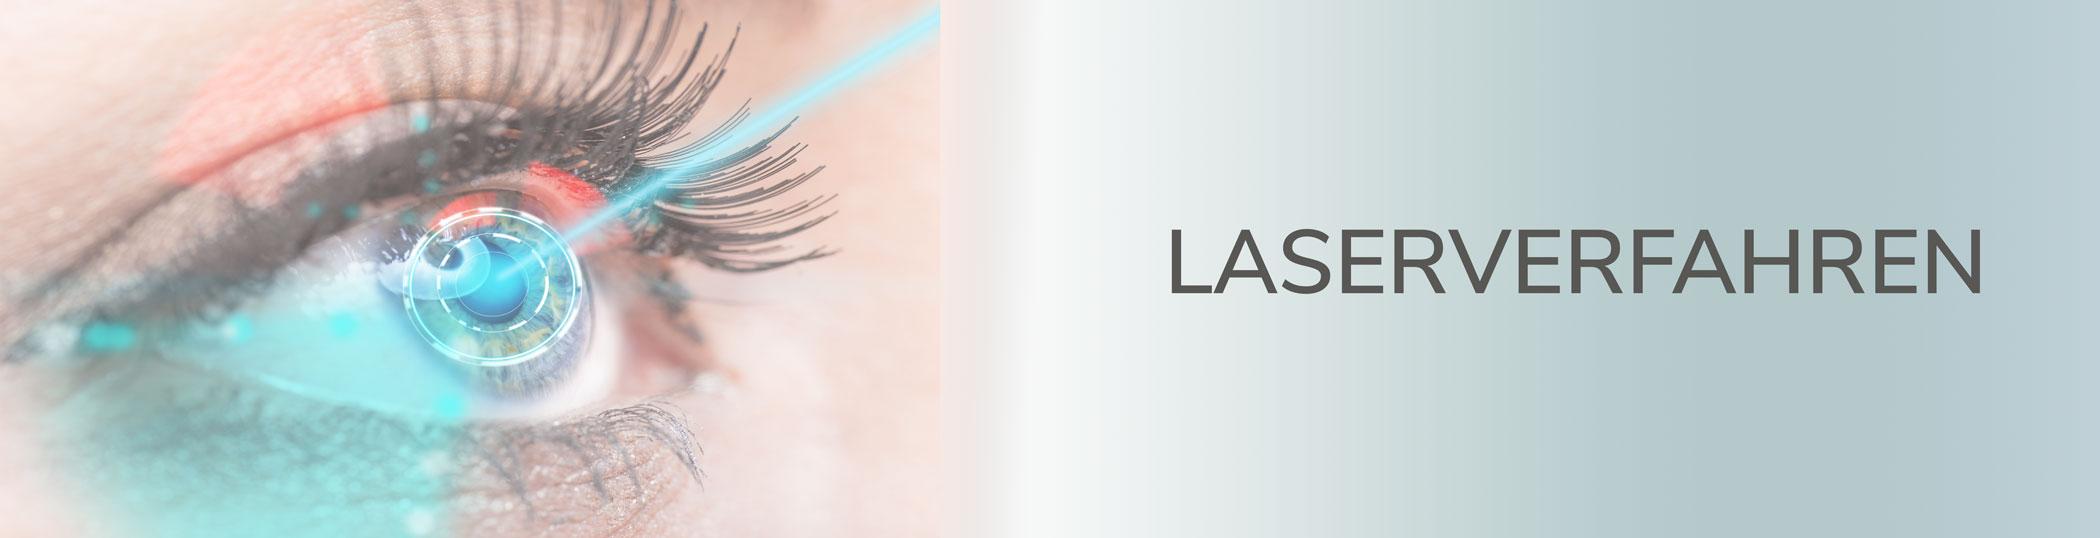 Lasverfahren Augenlaser PRK Lasek Epi-Lasek